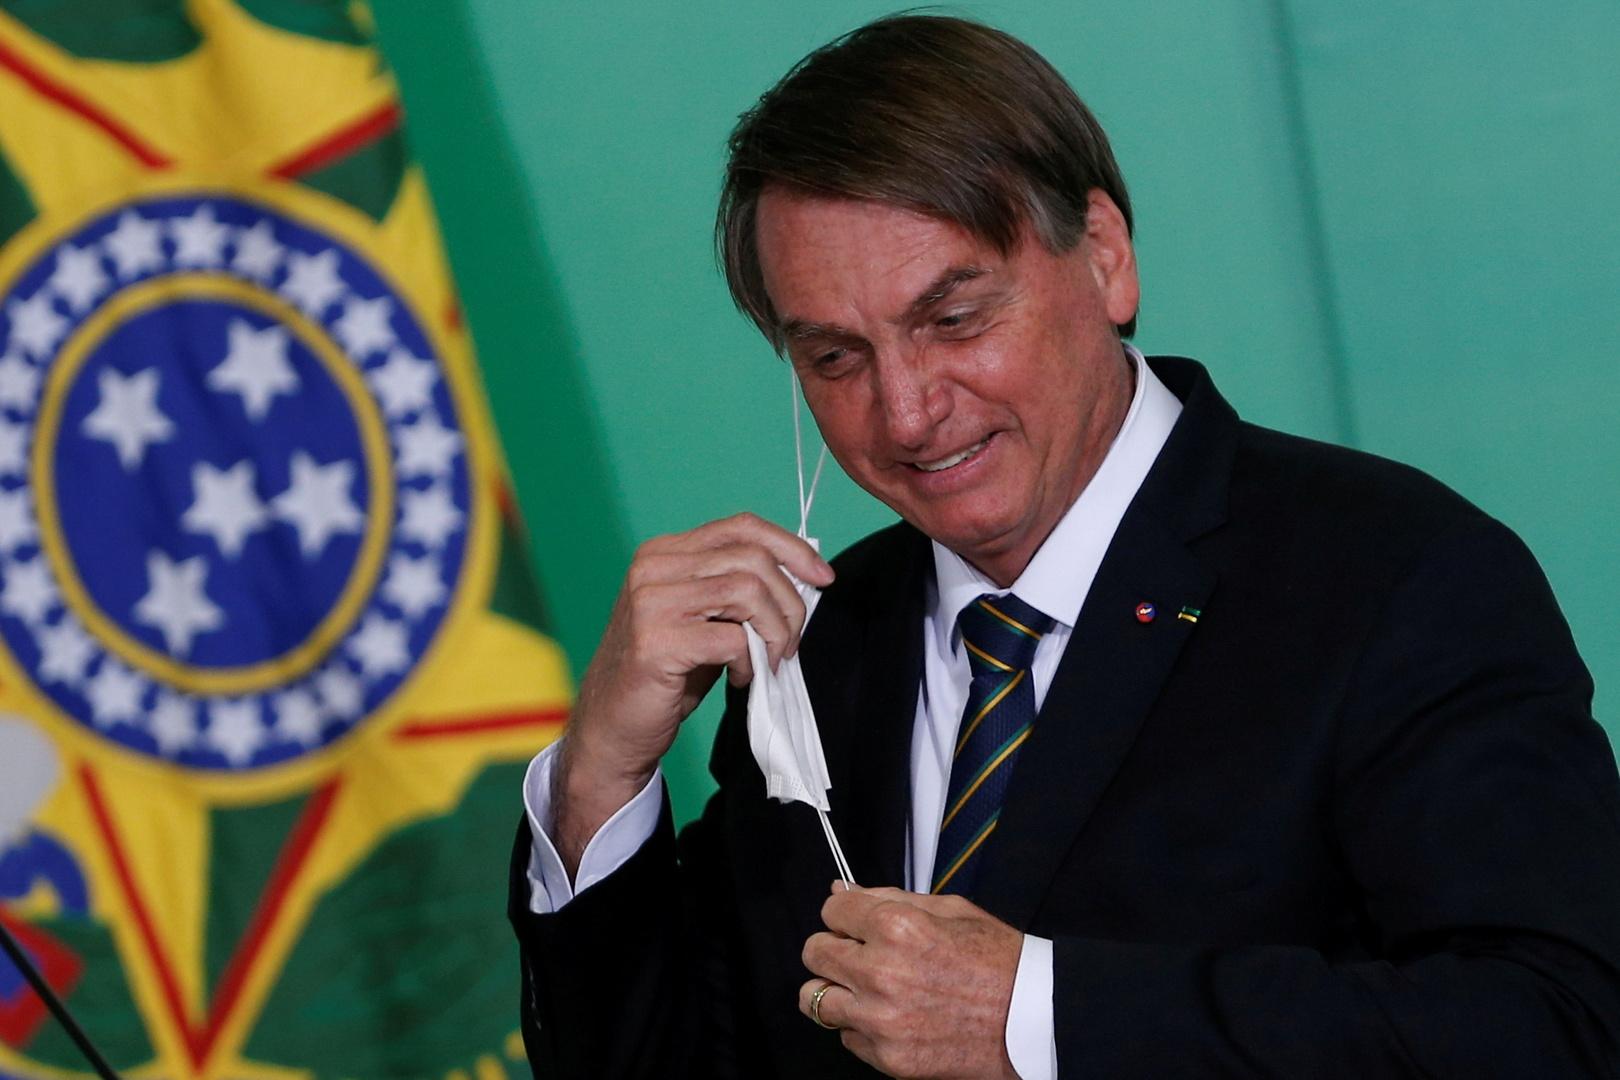 الرئيس البرازيلي يوبخ صحفيا : أنتم صحافة هراء